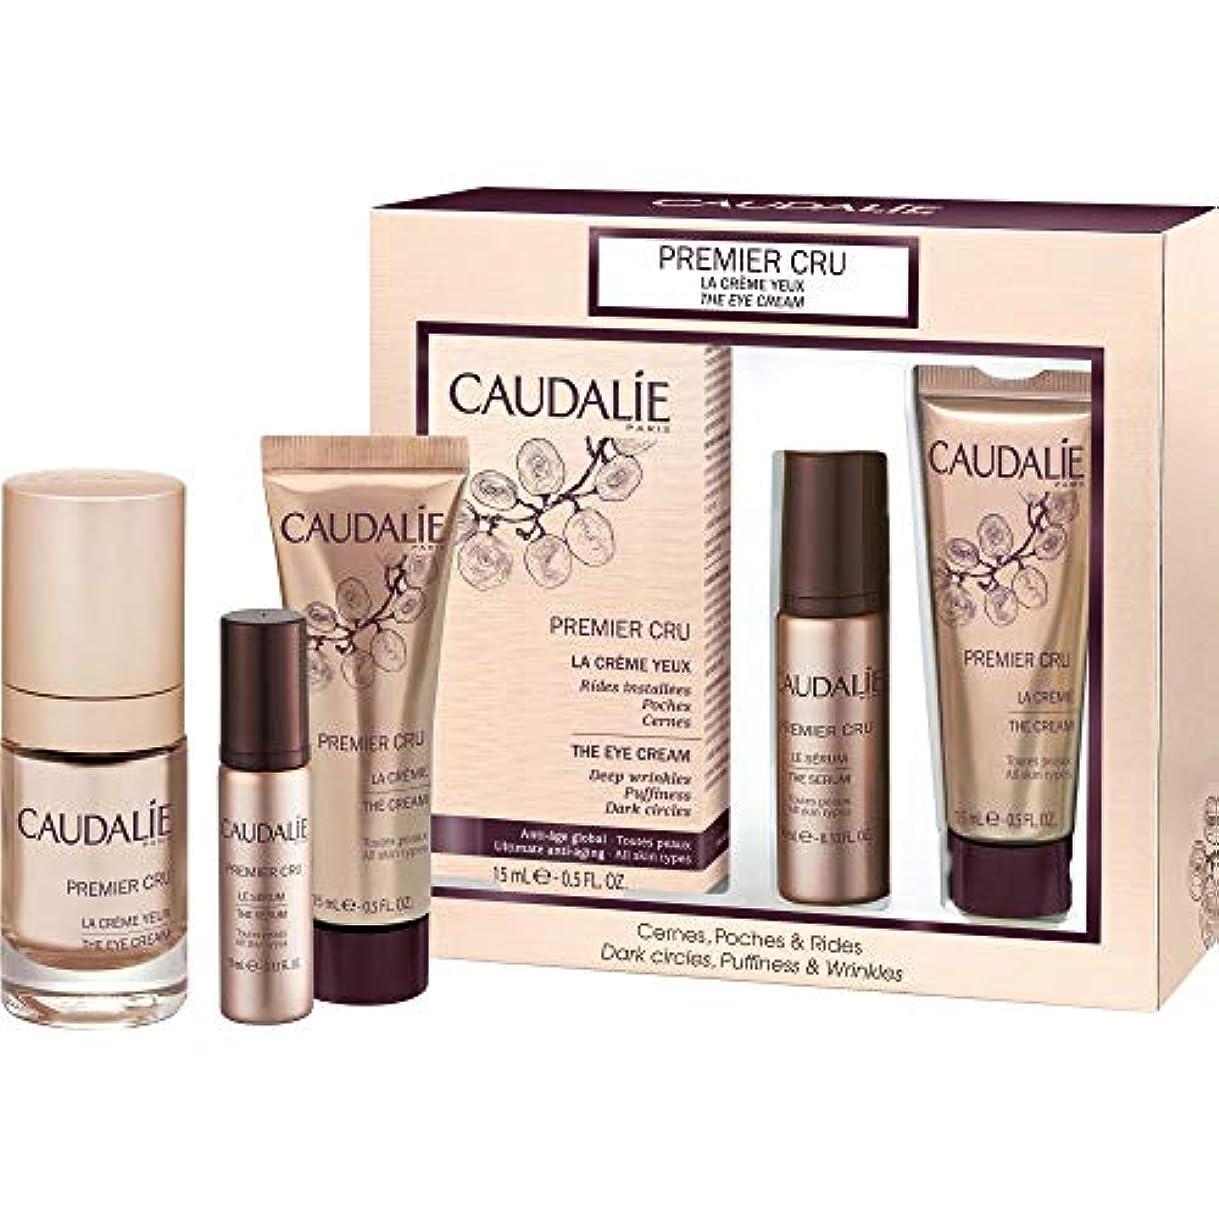 アジアあいにくウェイター[Caudalie] コーダリープレミアは、アイクリーム15ミリリットルのギフトセットをCru - Caudalie Premier Cru The Eye Cream 15ml Gift Set [並行輸入品]